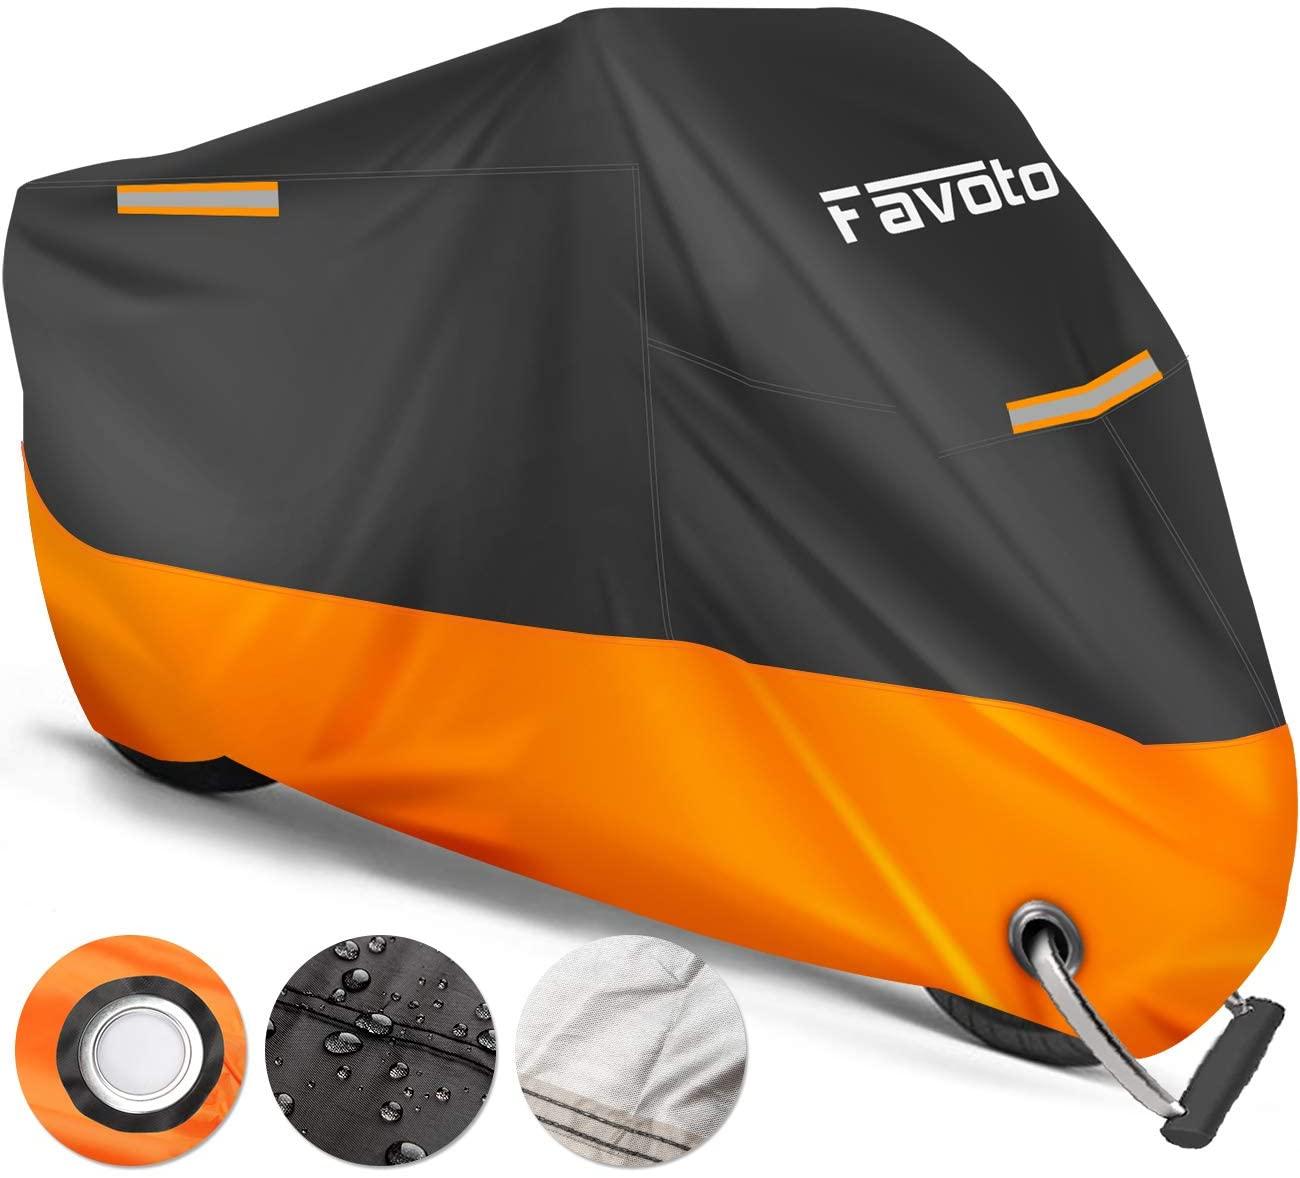 Favoto Telo Coprimoto 210D Teli per Moto Scooter Impermeabile Resistente ad Acqua/Polvere/Pioggia/Vento/Foglie, Copertura Motociclo 245 * 105 * 125cm (XXL) [Versione Migliorata]